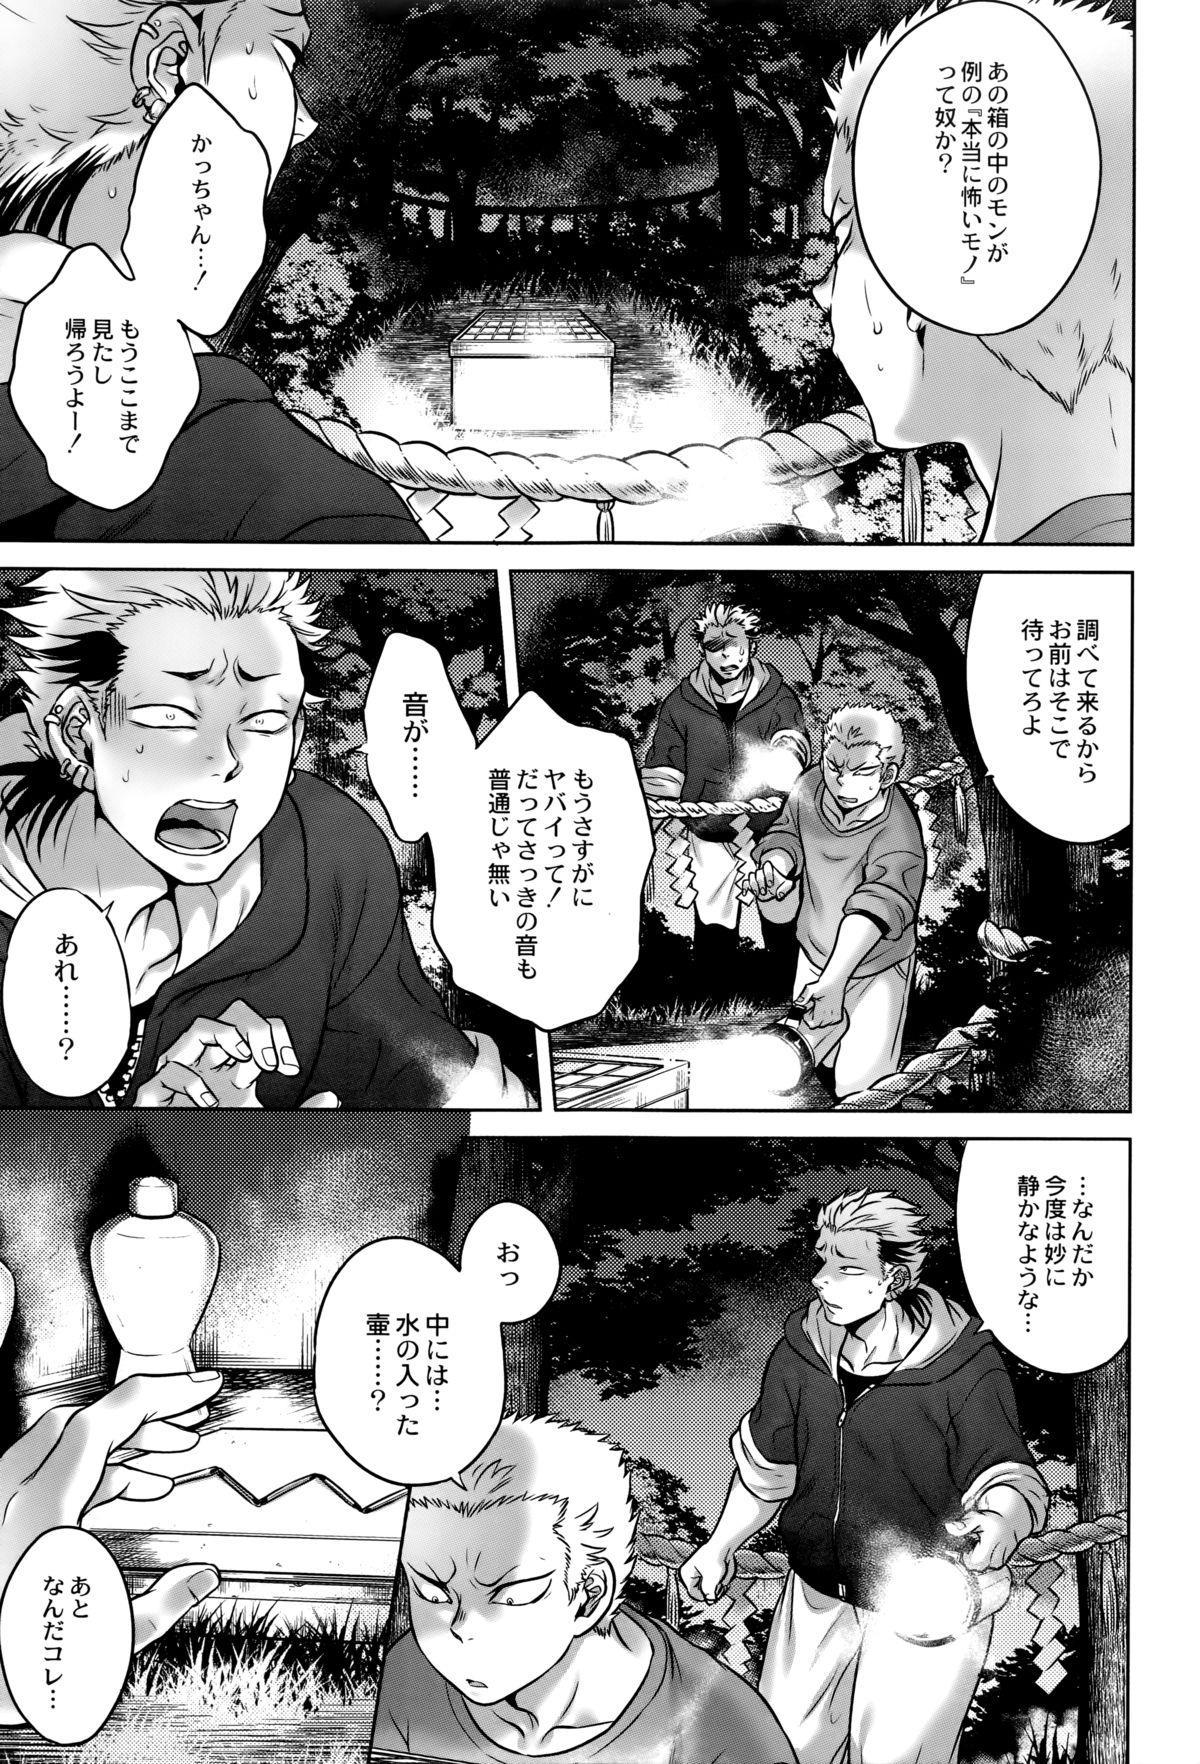 Hachishaku Hachiwa Keraku Meguri - Igyou Kaikitan 89